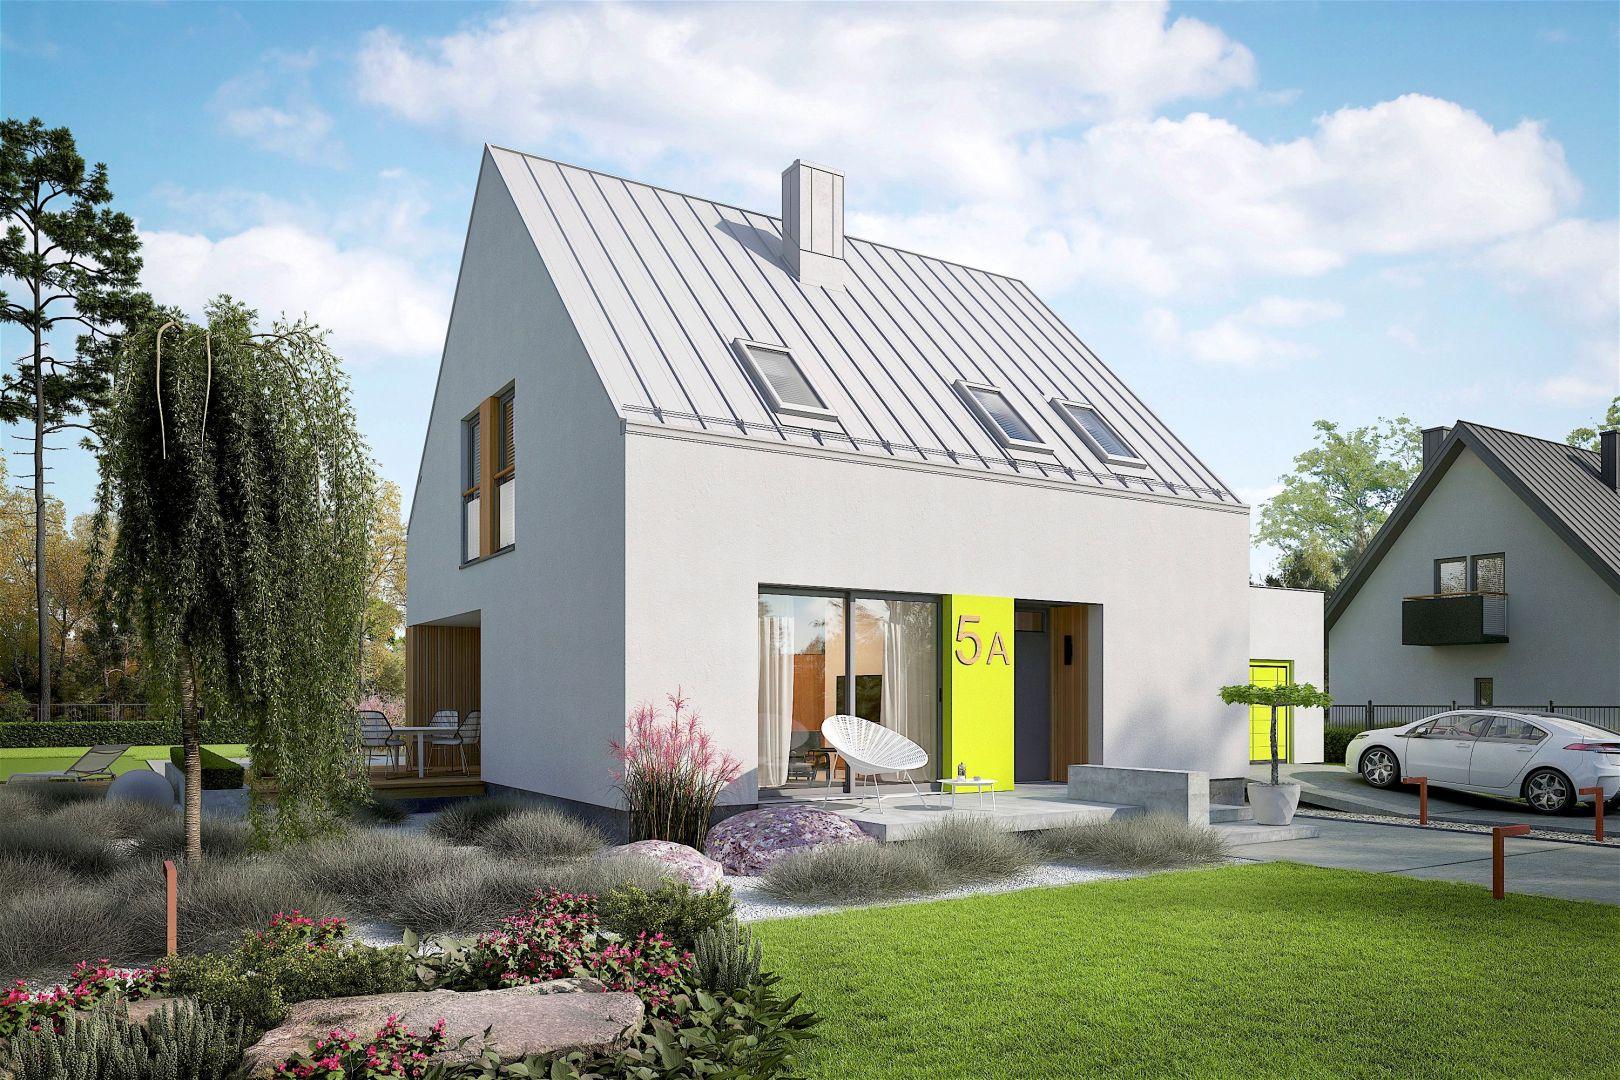 Frontową fasadę domu pogodnie ożywiają limonkowe akcenty, dzięki którym minimalistyczny projekt zyskuje oryginalny, indywidualny charakter. Projekt: pracownia Archipelag